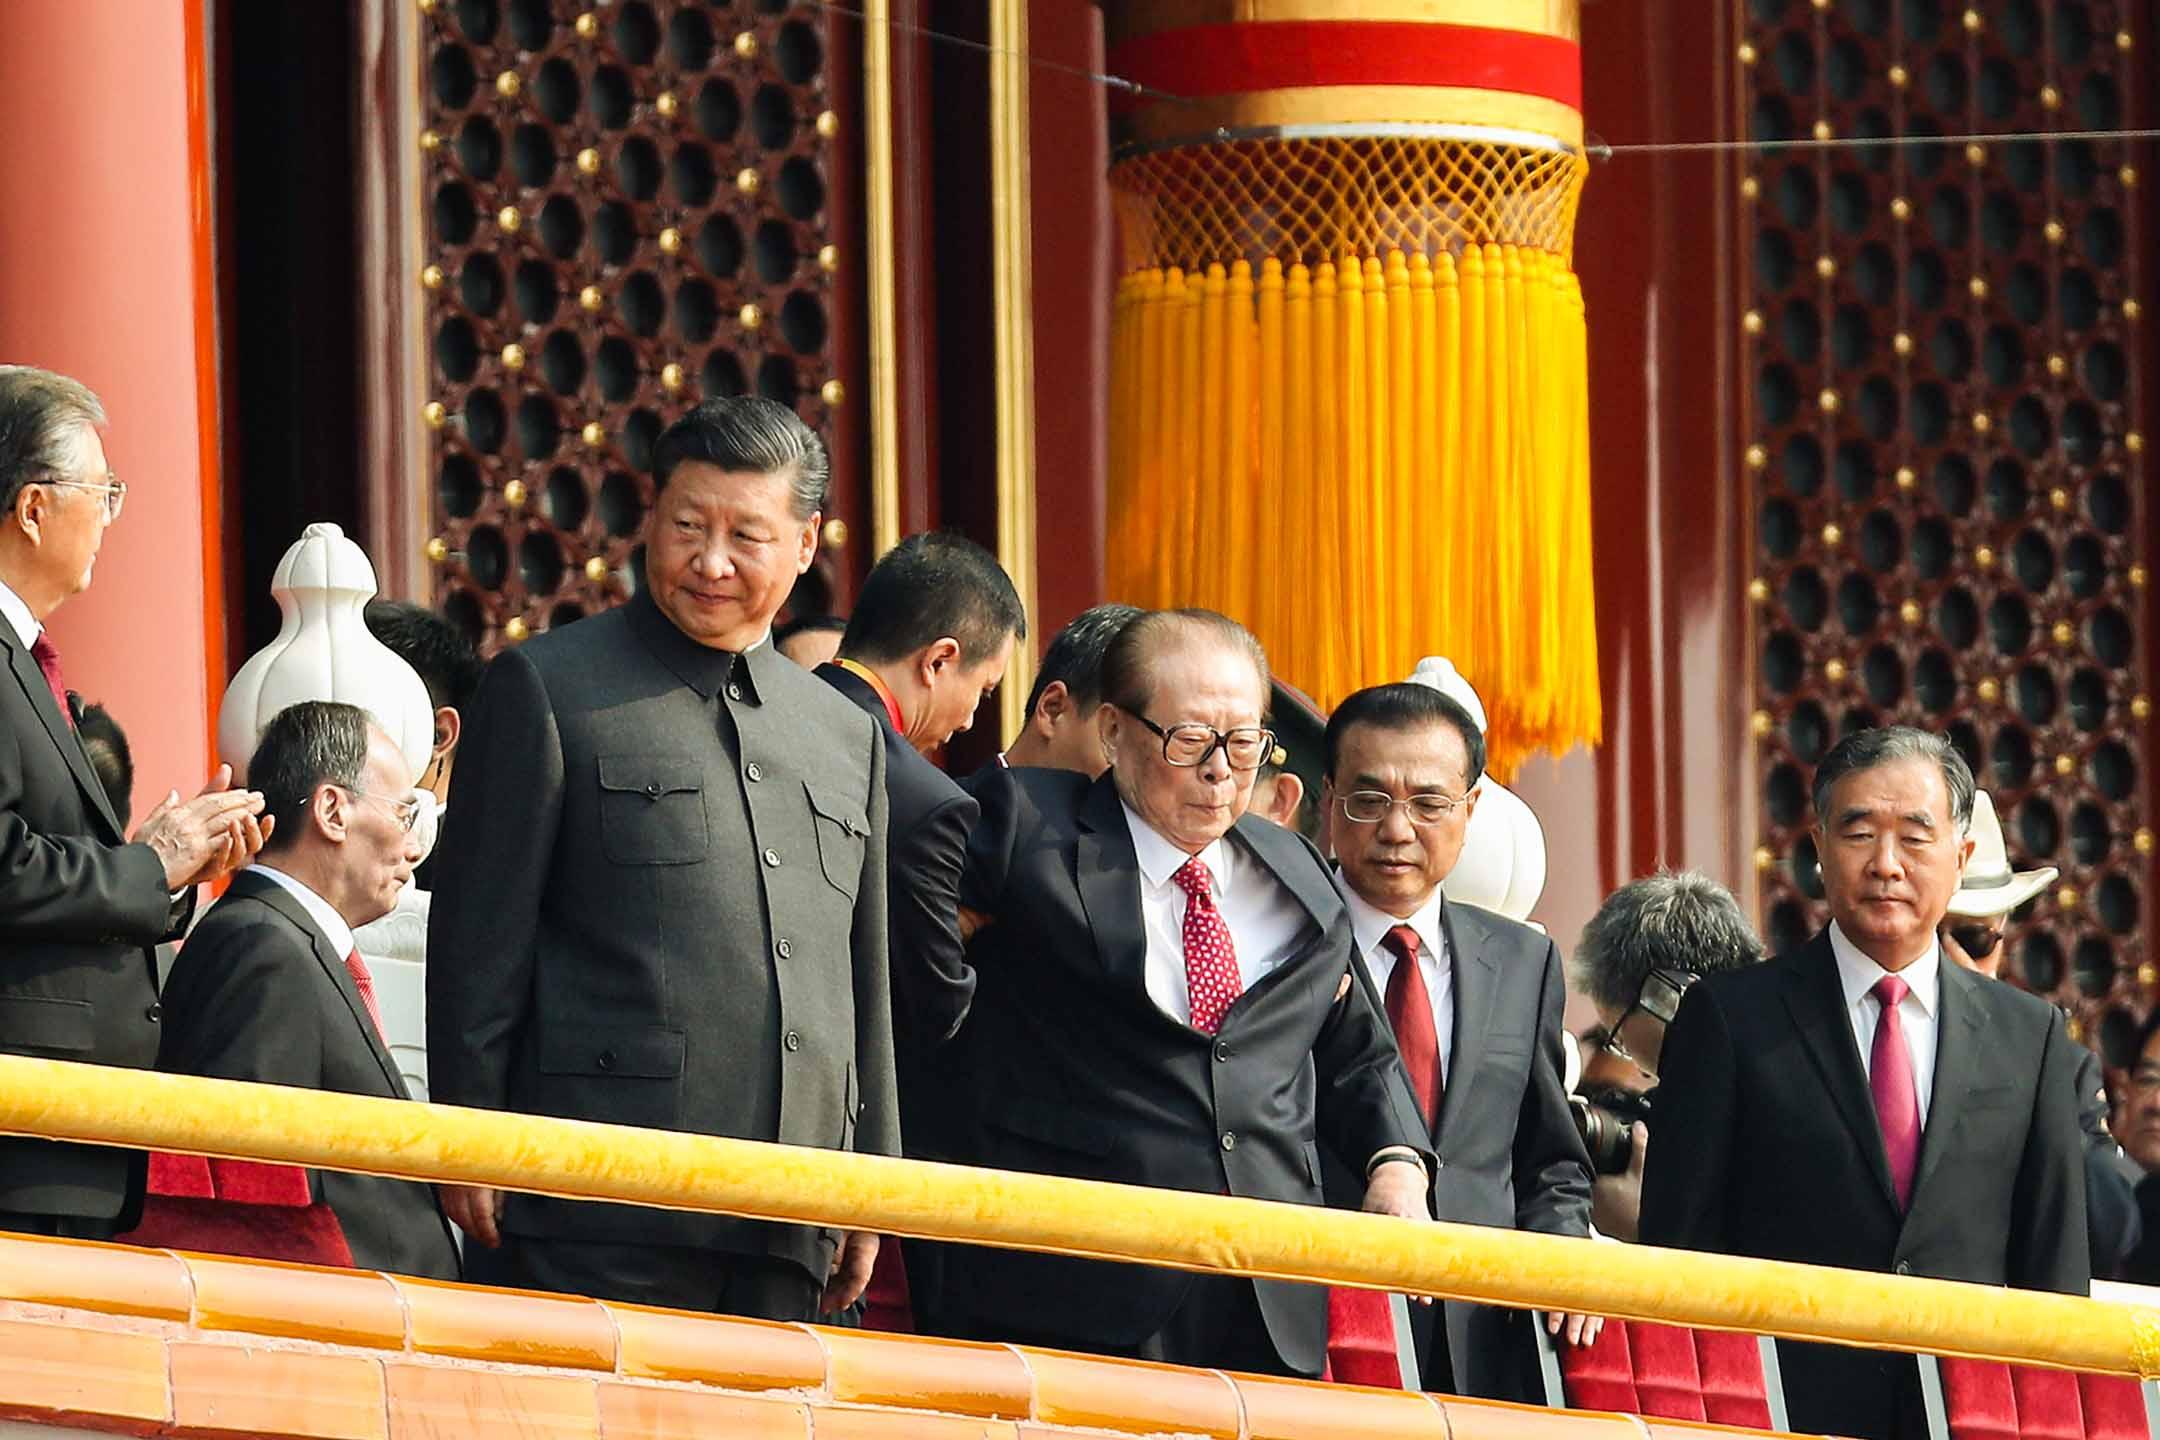 2019年10月1日中國北京,中國國家主席習近平 (左一)、中國前國家主席江澤民 (左二)、中國總理李克強 (右二) 在閱兵式開始前。